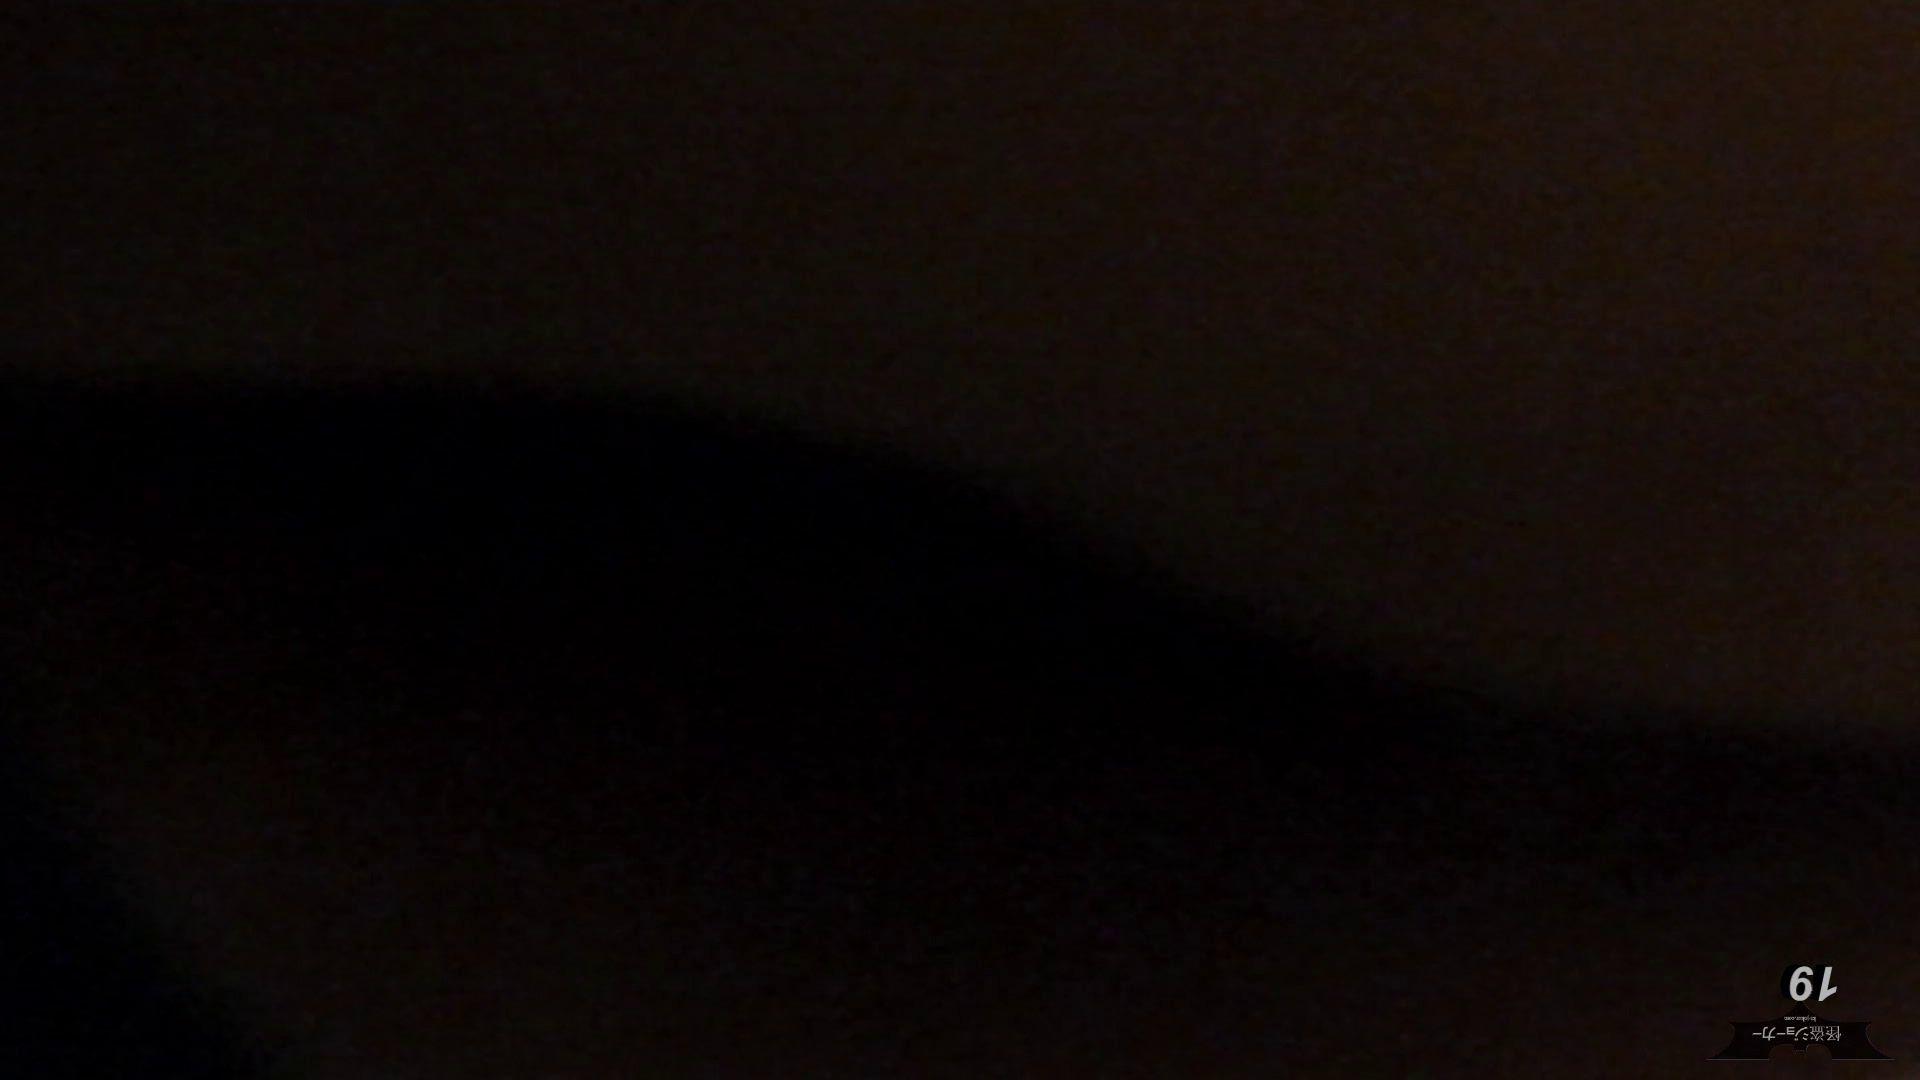 阿国ちゃんの「和式洋式七変化」 (NEW)19 「雫」はしっかりと切るんです! 盛合せ オメコ動画キャプチャ 88枚 68